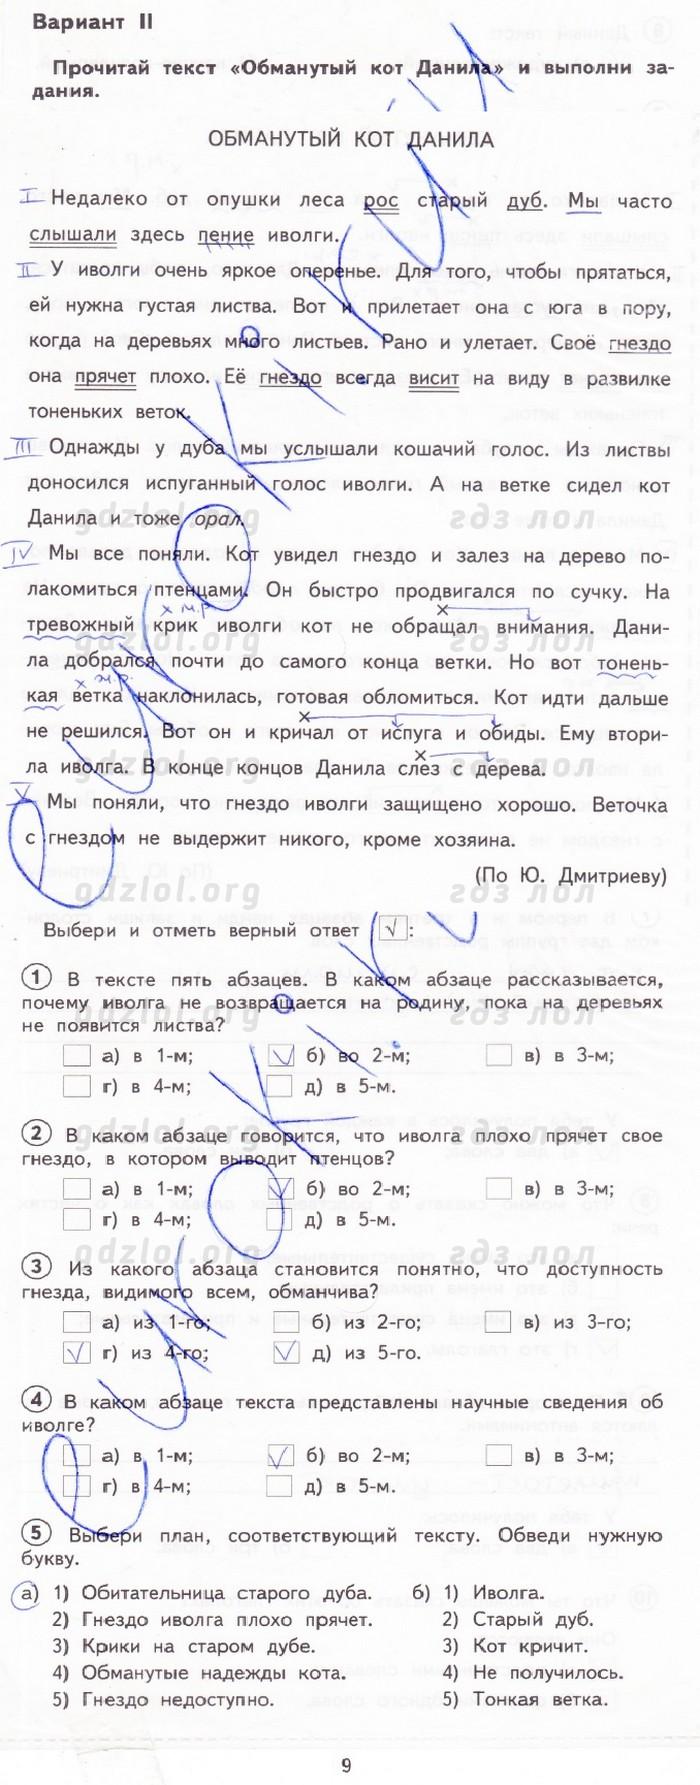 русский язык рабочая тетрать гдз лол